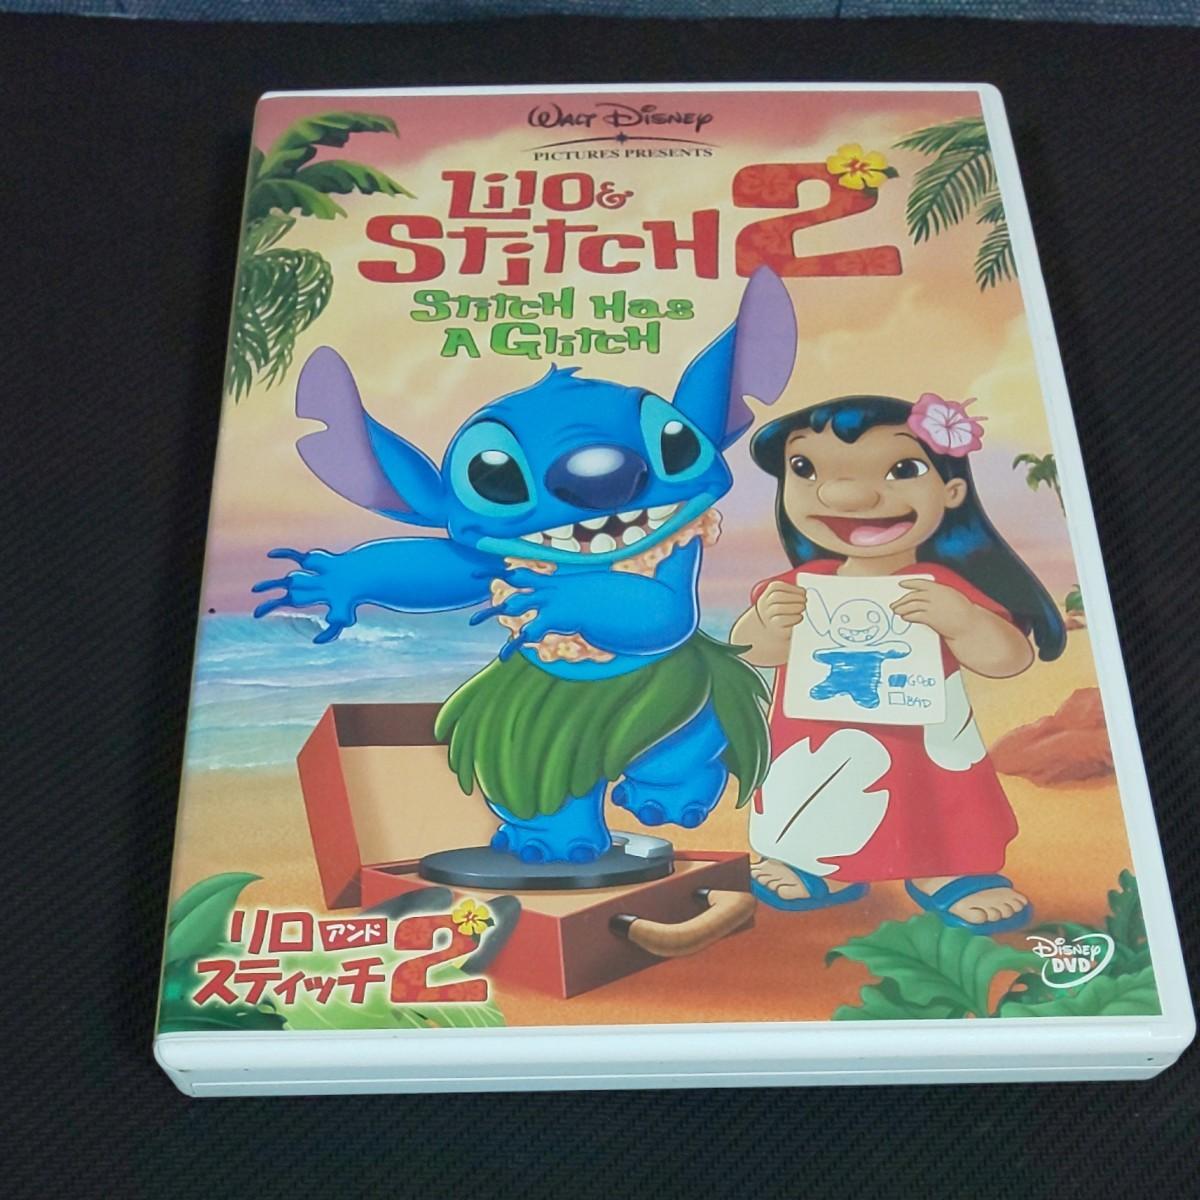 ディズニー DVD  リロ&スティッチ2